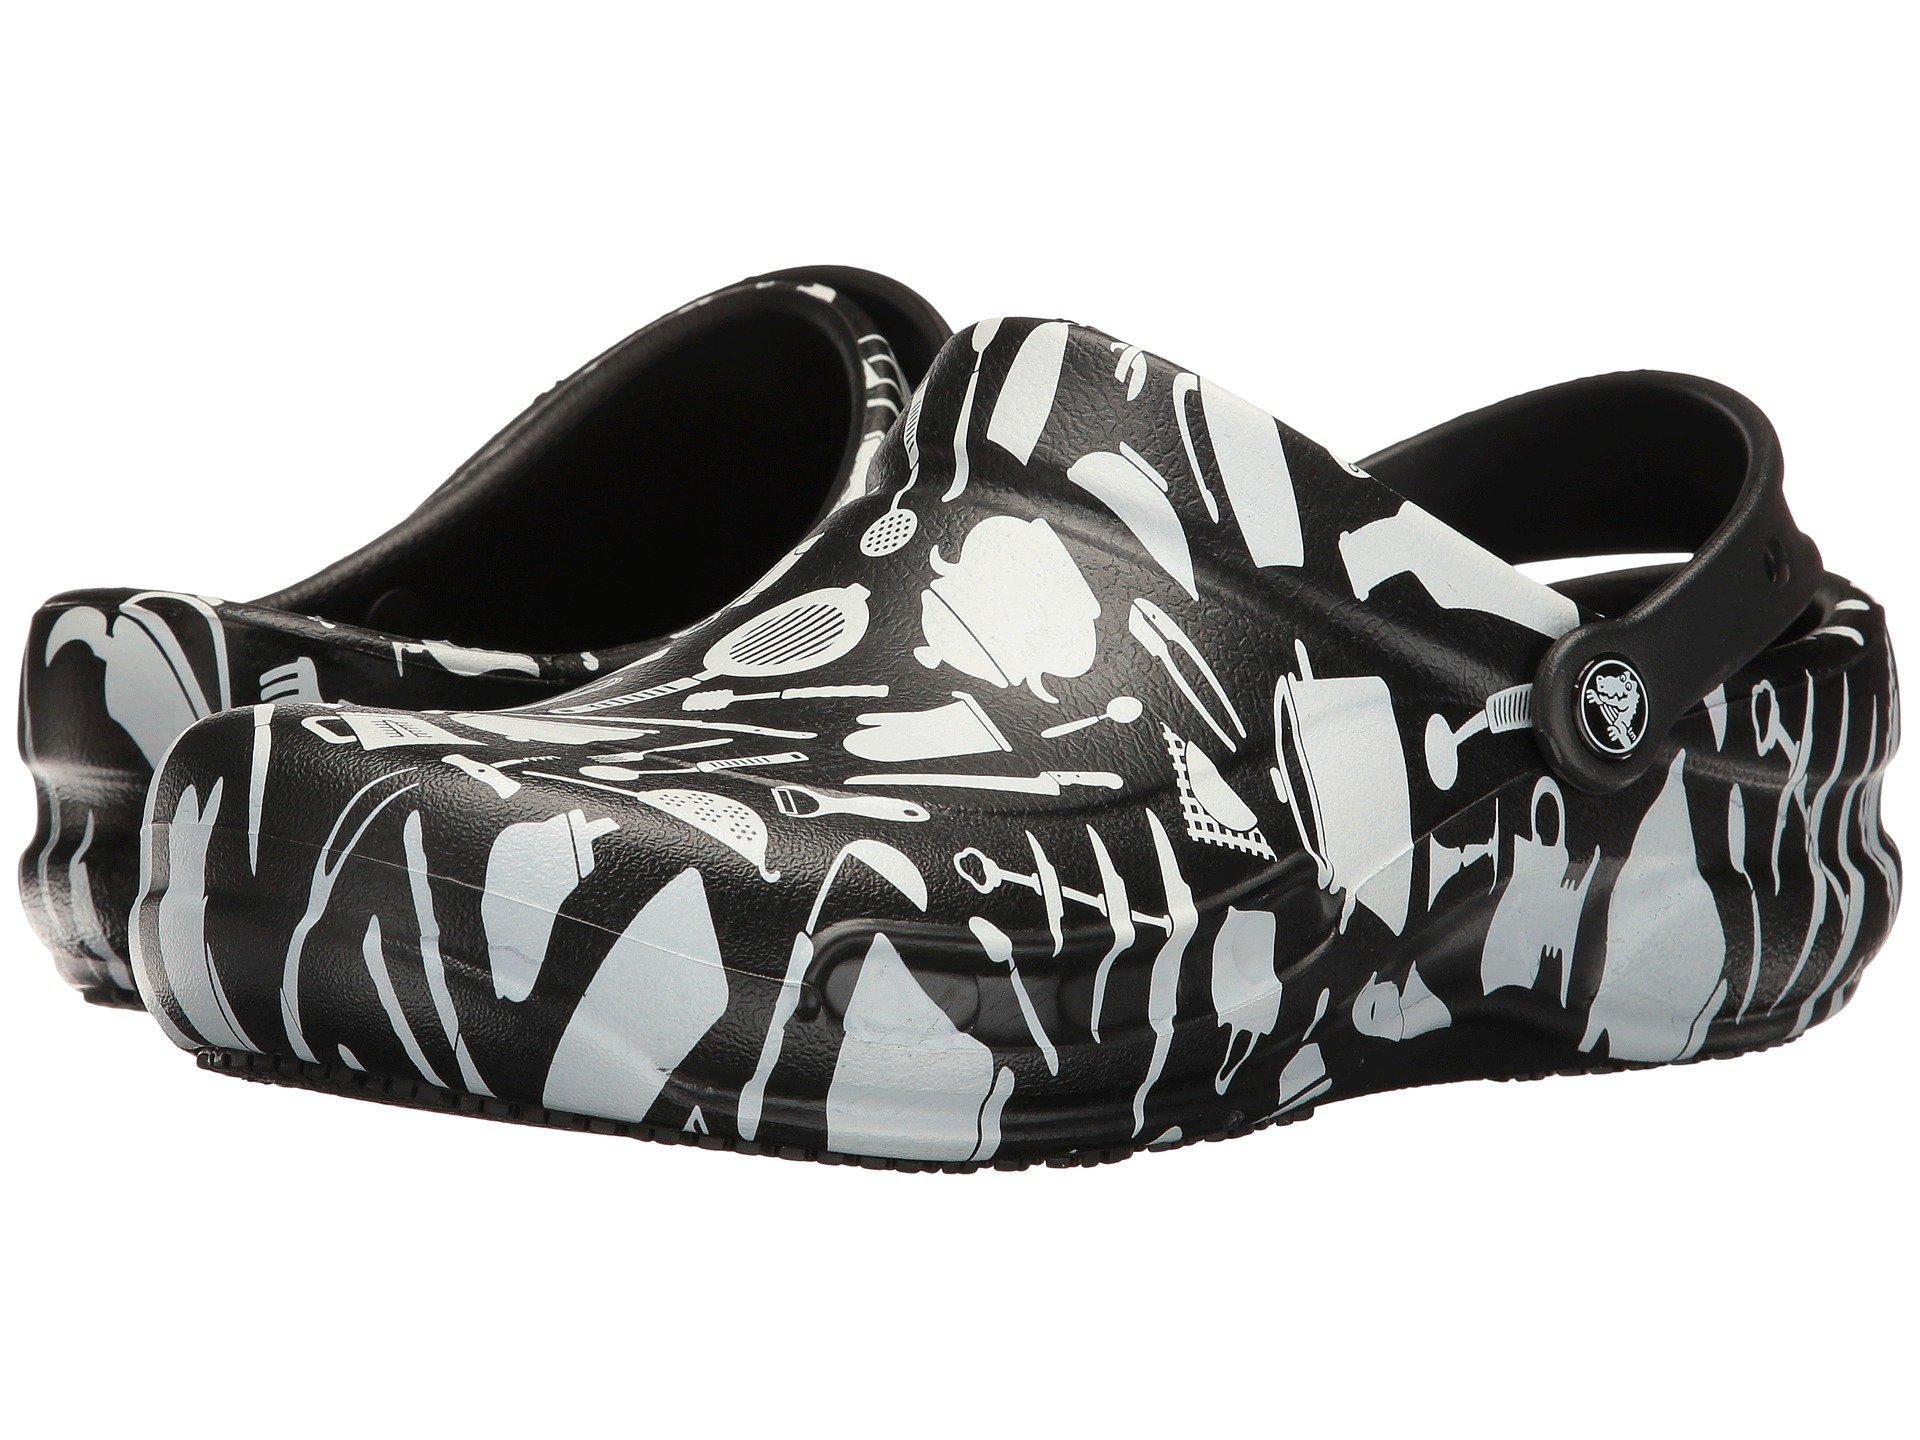 Calzado Sin Talon para Hombre Crocs Bistro Graphic Clog  + Crocs en VeoyCompro.net